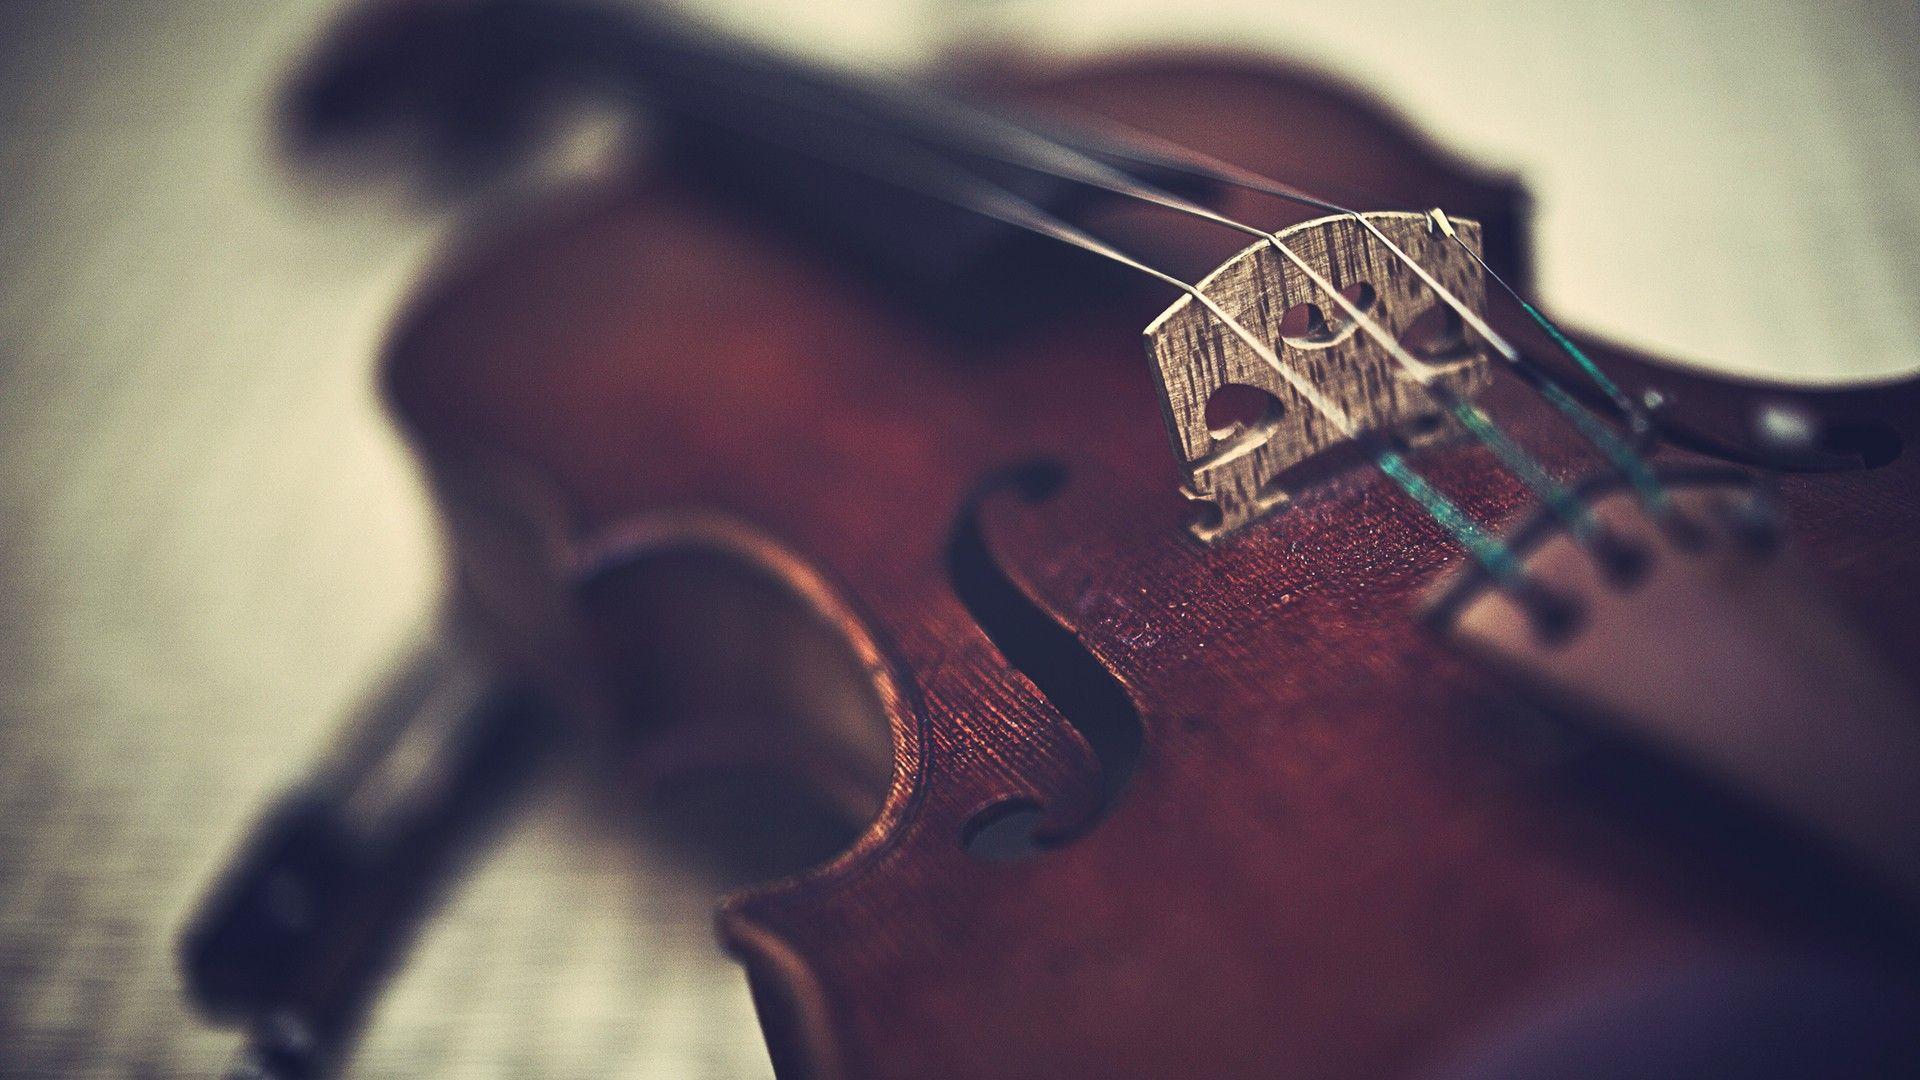 Violin Wallpaper Jpg 1920 1080